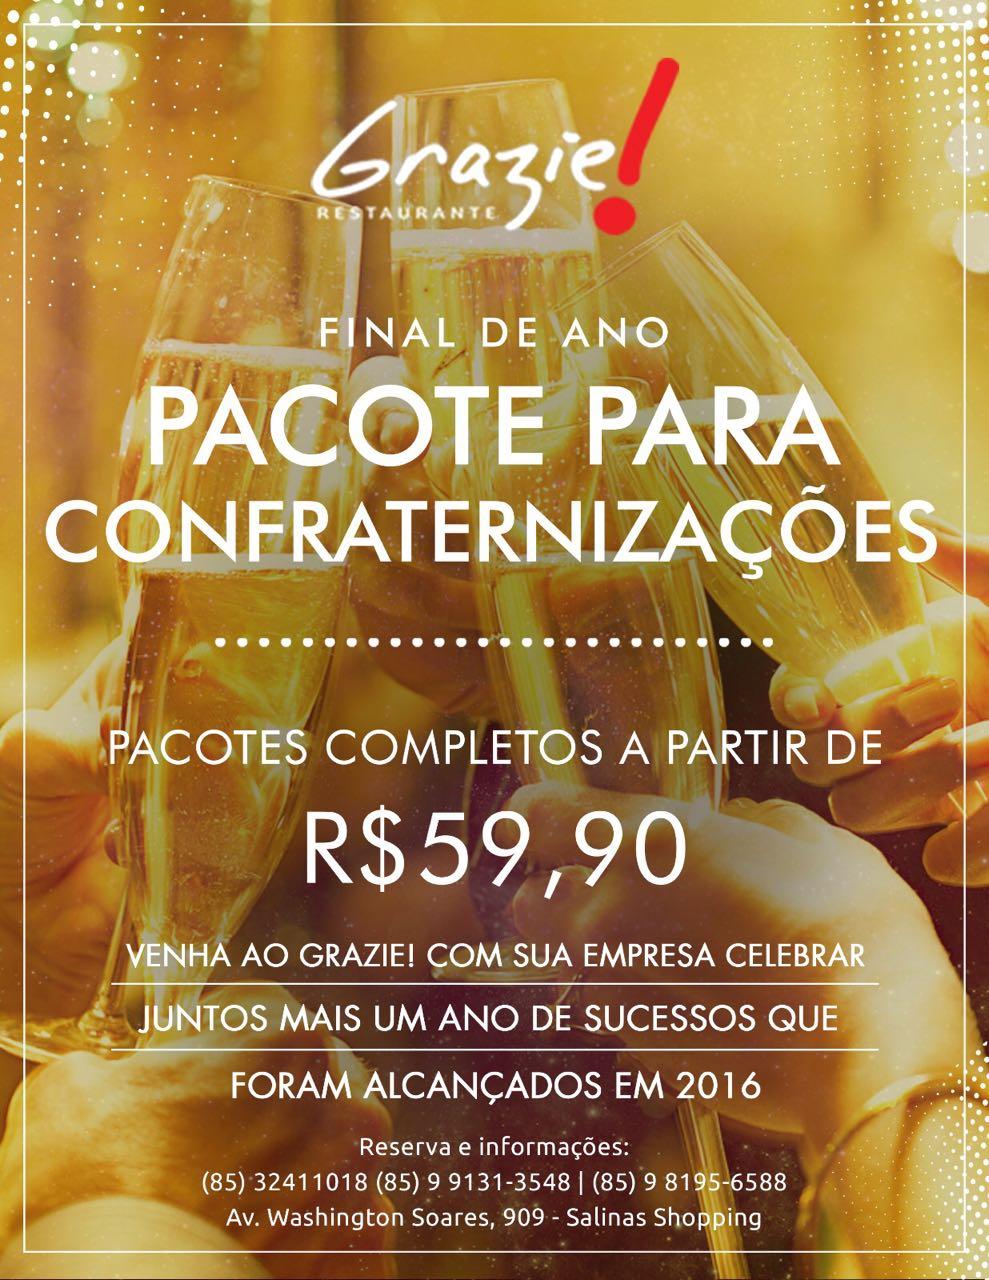 Grazie! Restaurante lança pacote para confraternizações c9a168a6ec